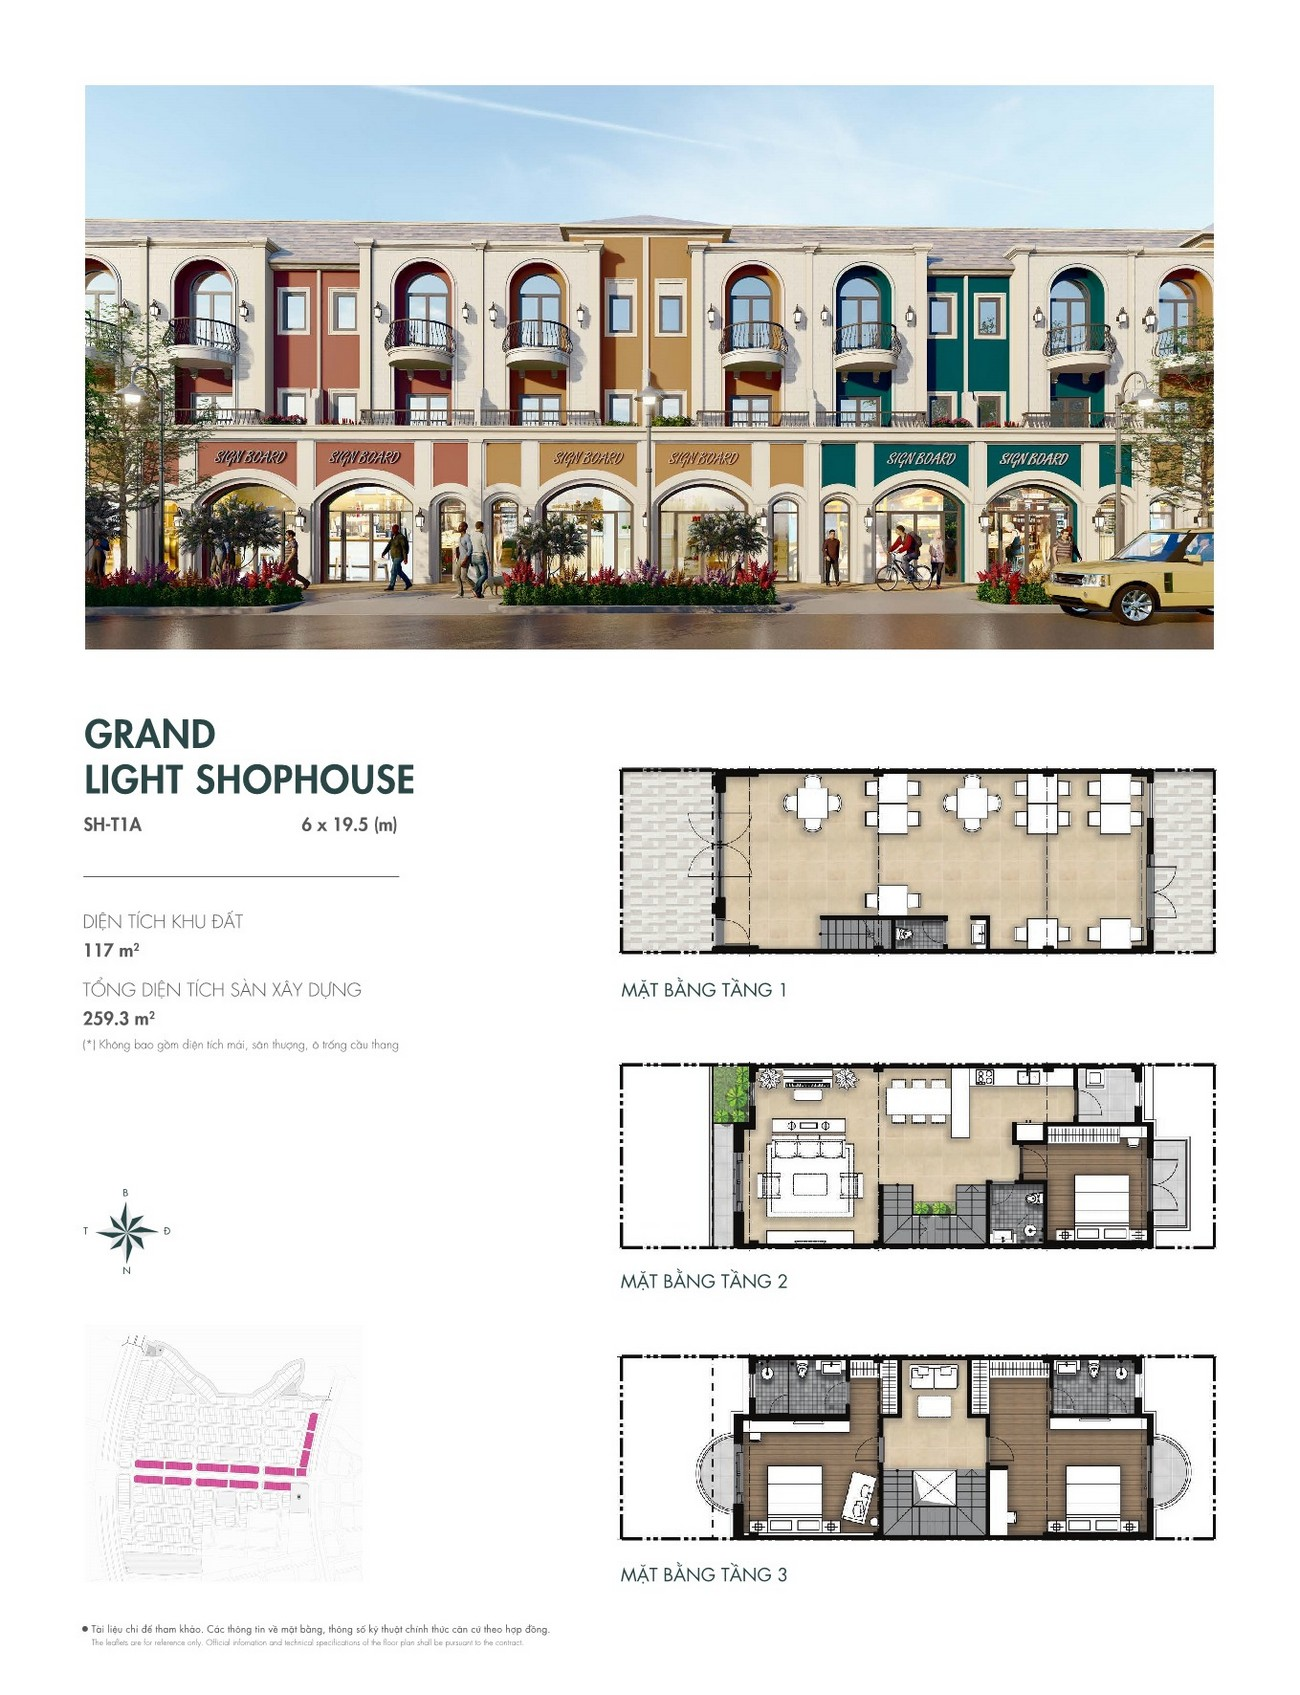 Thiết kế Grand Light Shophouse (6x19,5 m) dự án nhà phố Aqua City The River Park 1 TP. Biên Hòa Đường Ngô Quyền nhà phát triển Novaland